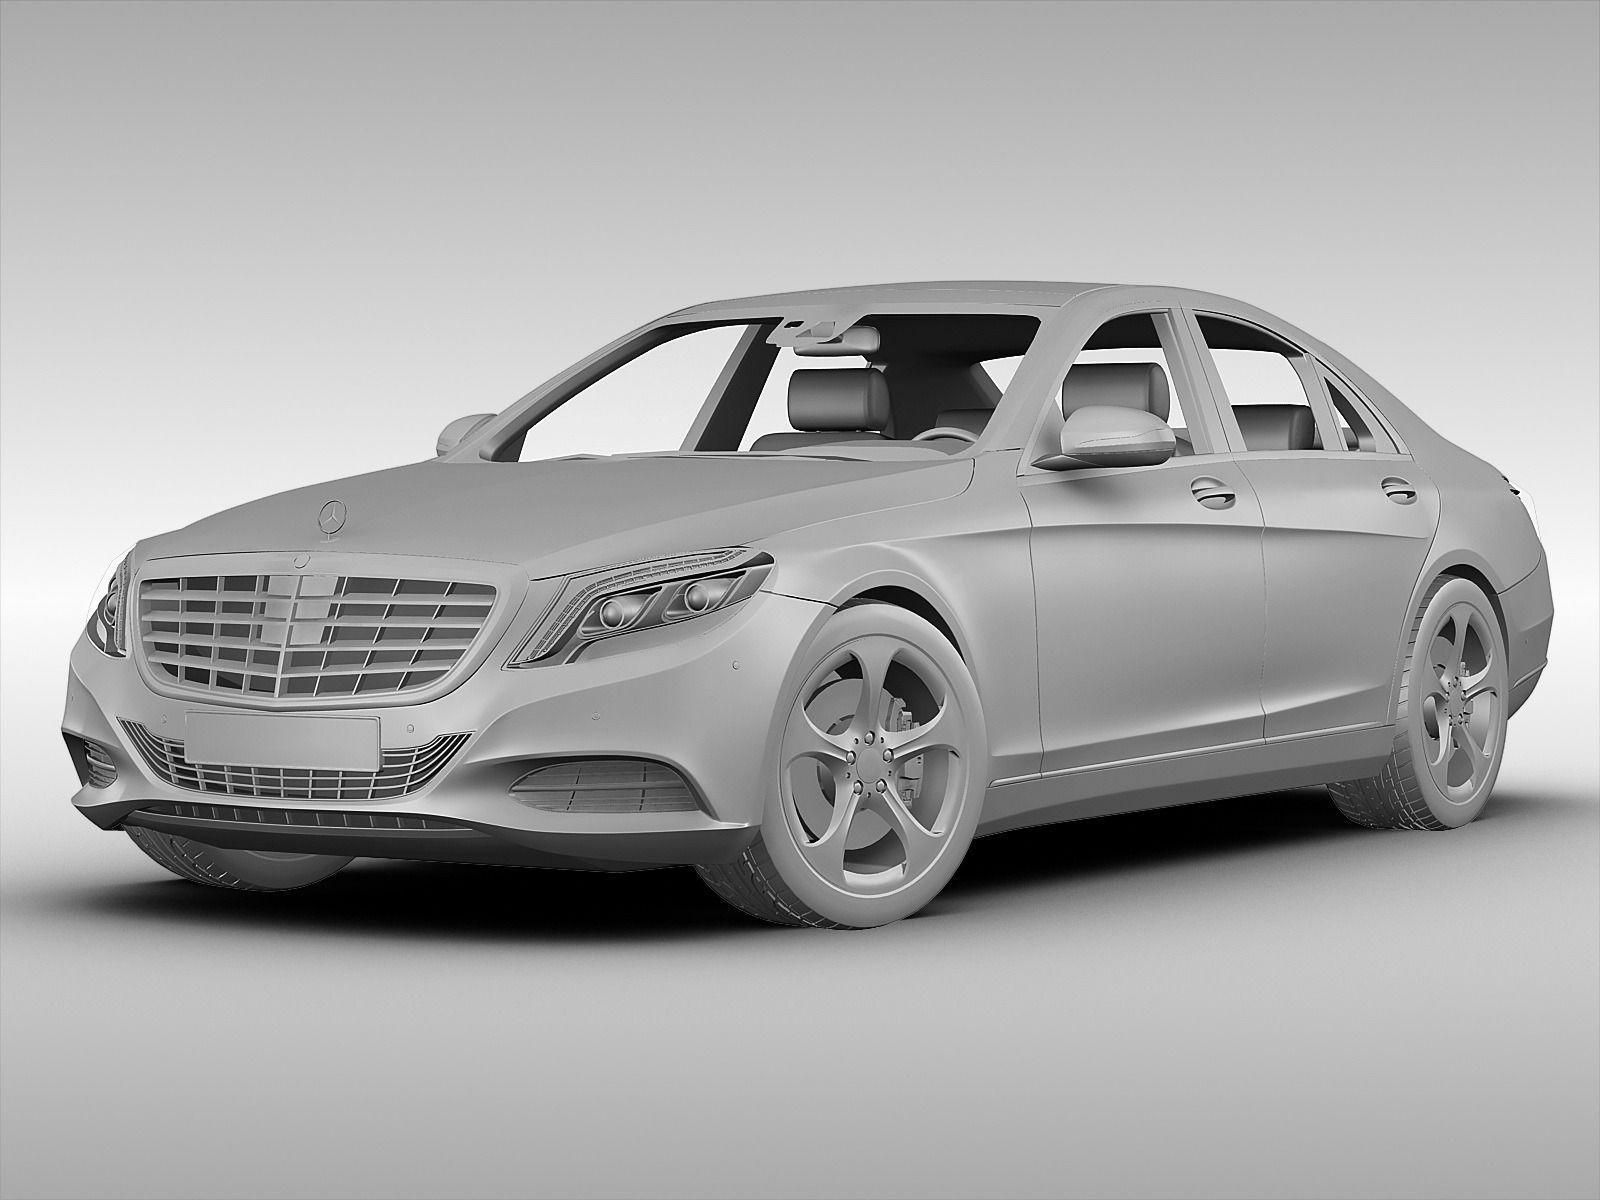 Mercedes benz s class 2014 3d model max obj 3ds fbx for Mercedes benz 2014 s class